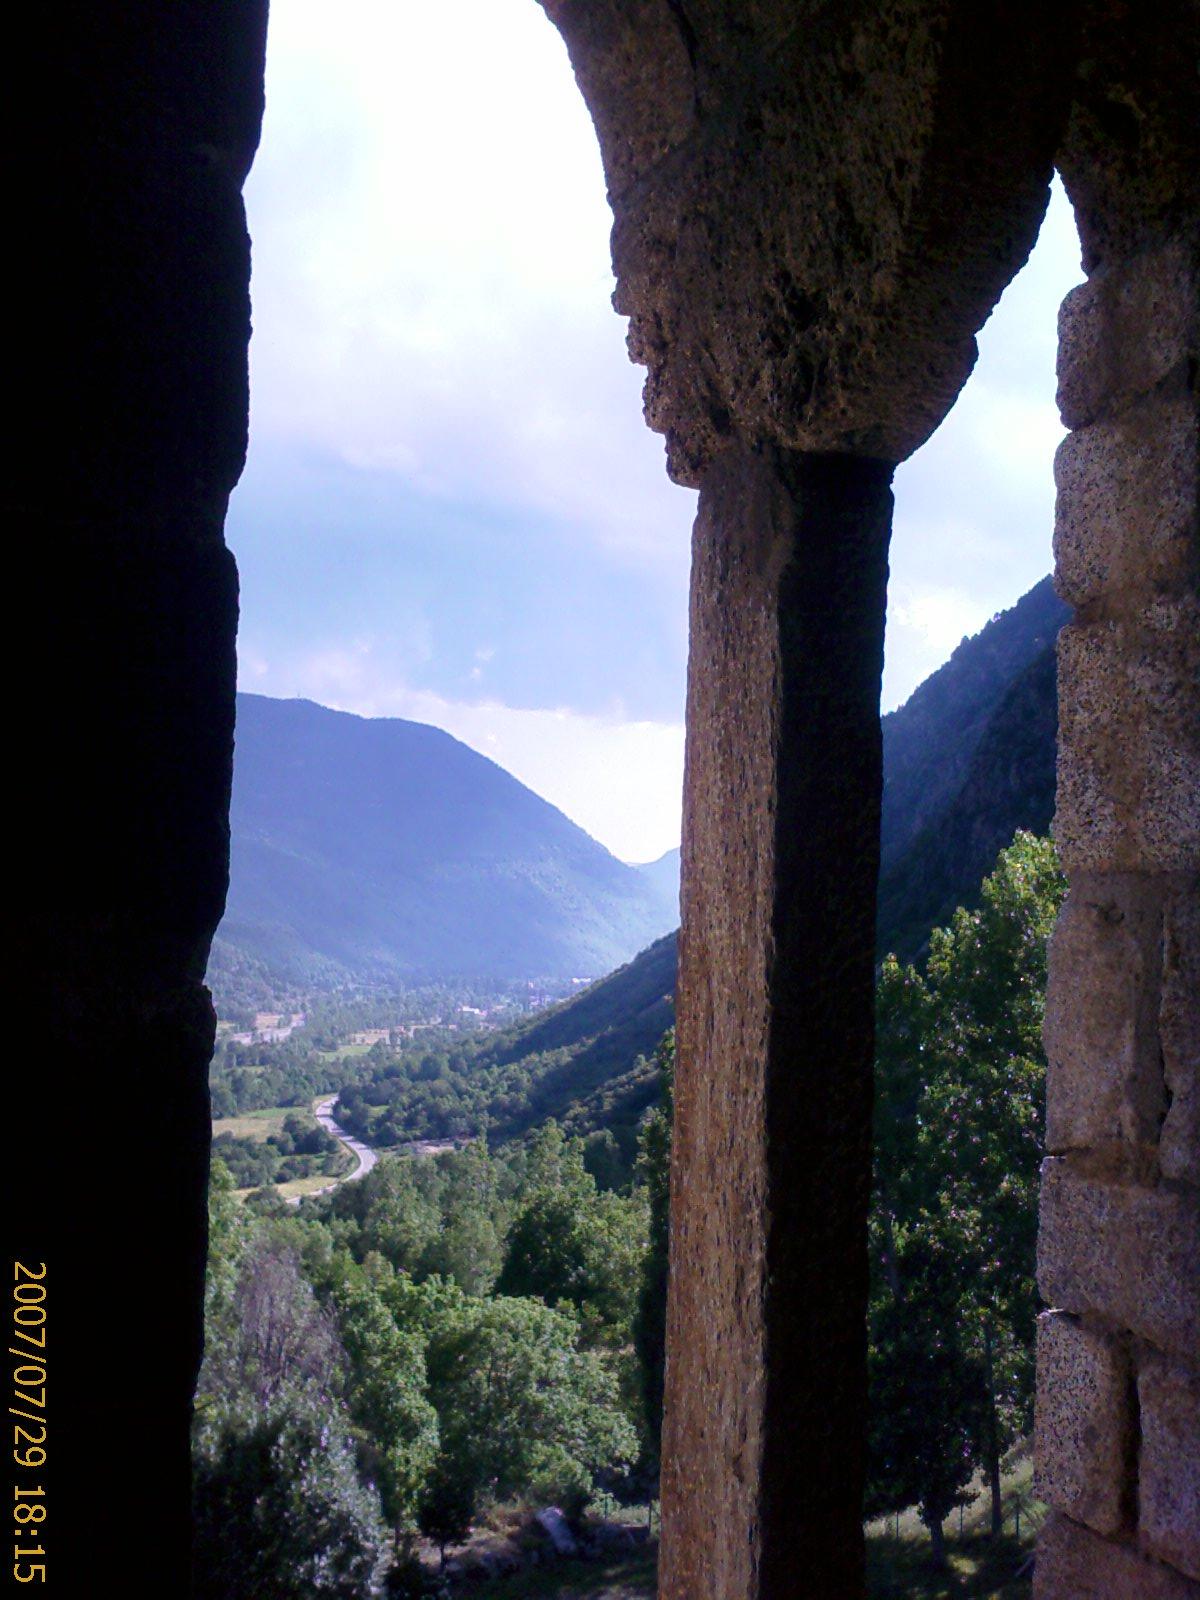 Vistas del campanario de Erill la Vall